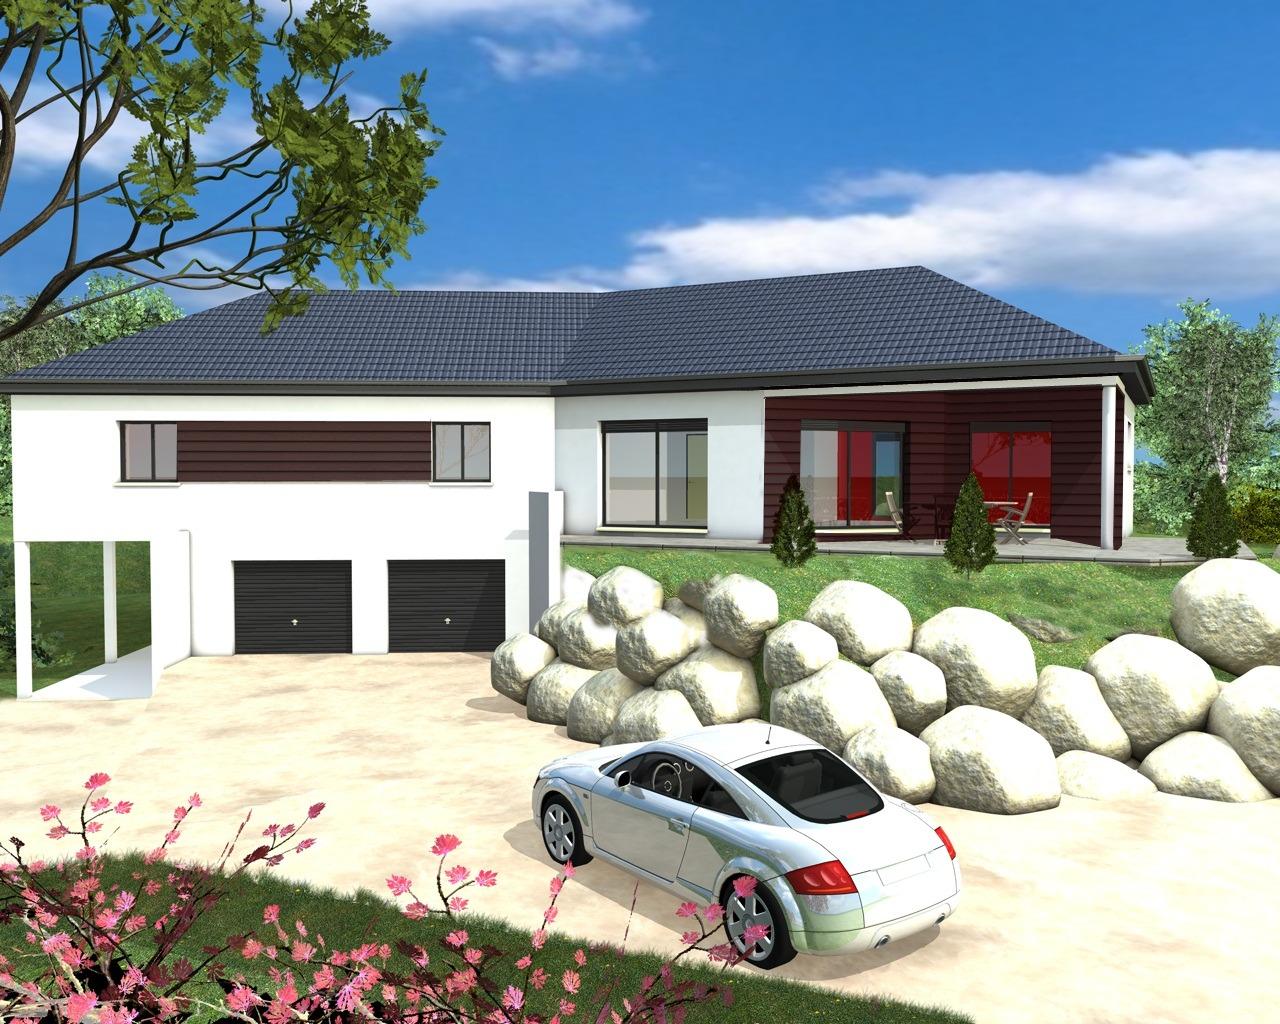 Mod les et plans de maisons sur mesure onstructions demeures plan de maison moderne avec sous